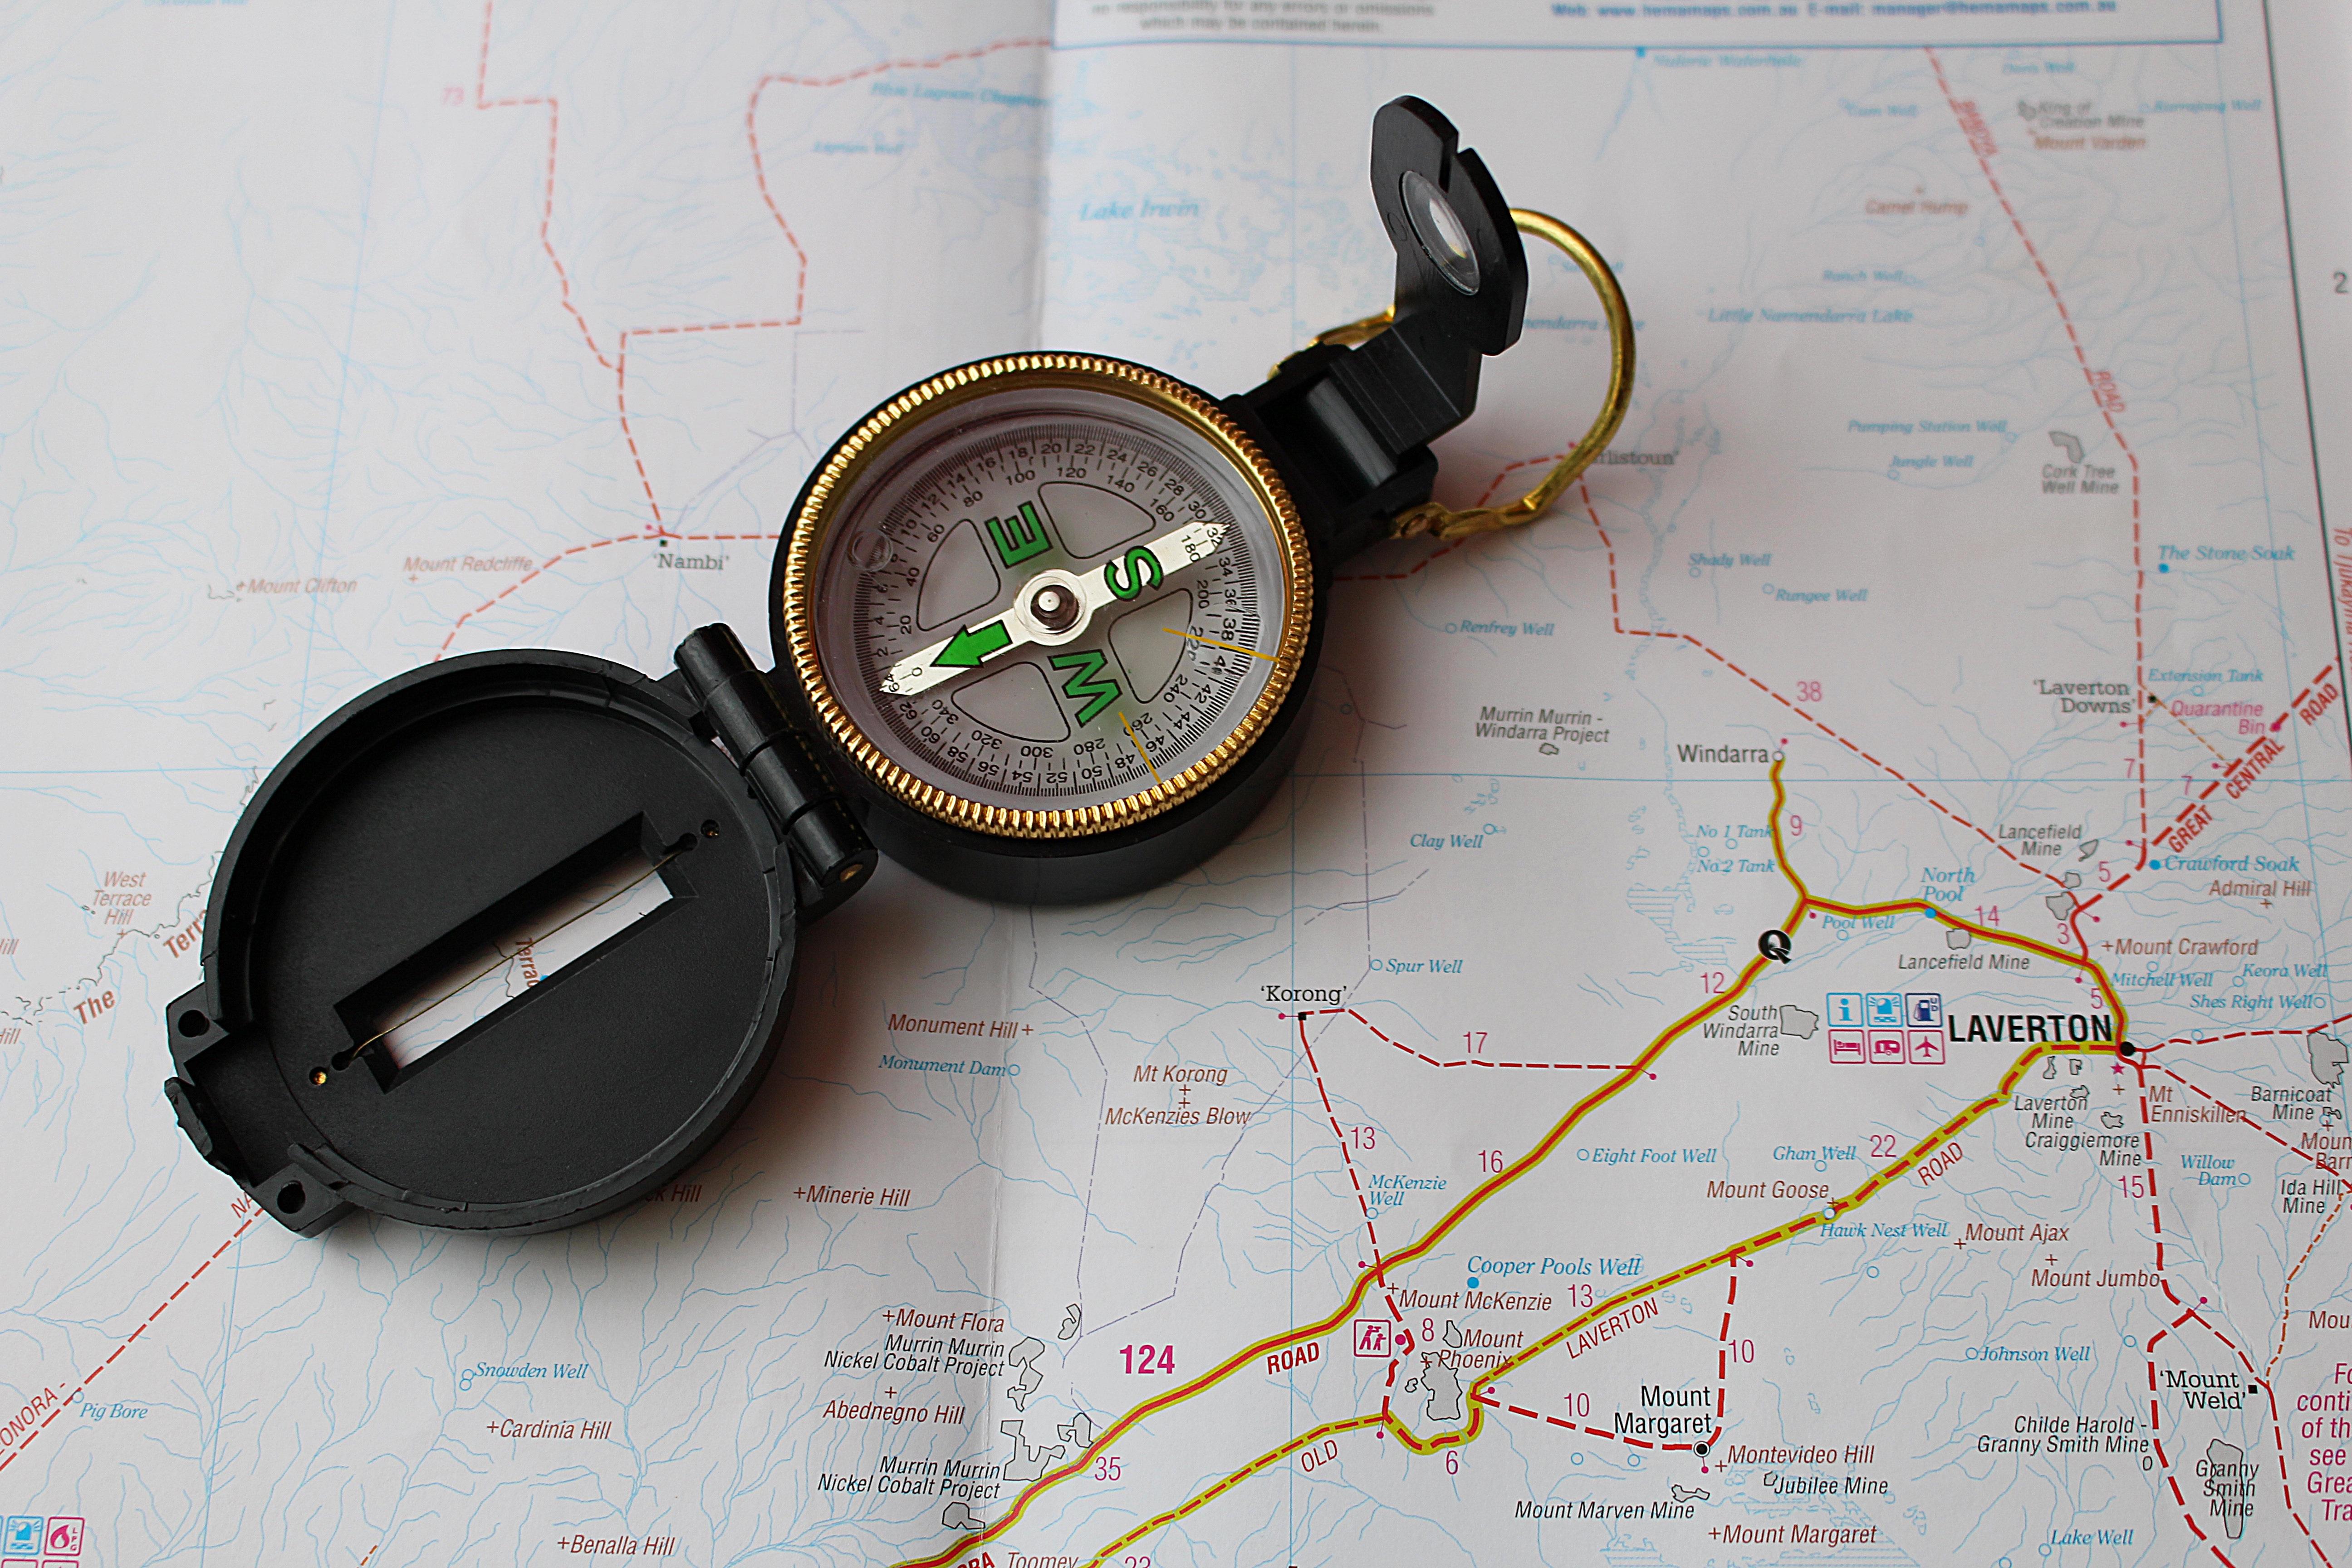 navigasjon kart Bildet : kompass, måler, kart, sirkel, briller, navigasjon, organ  navigasjon kart